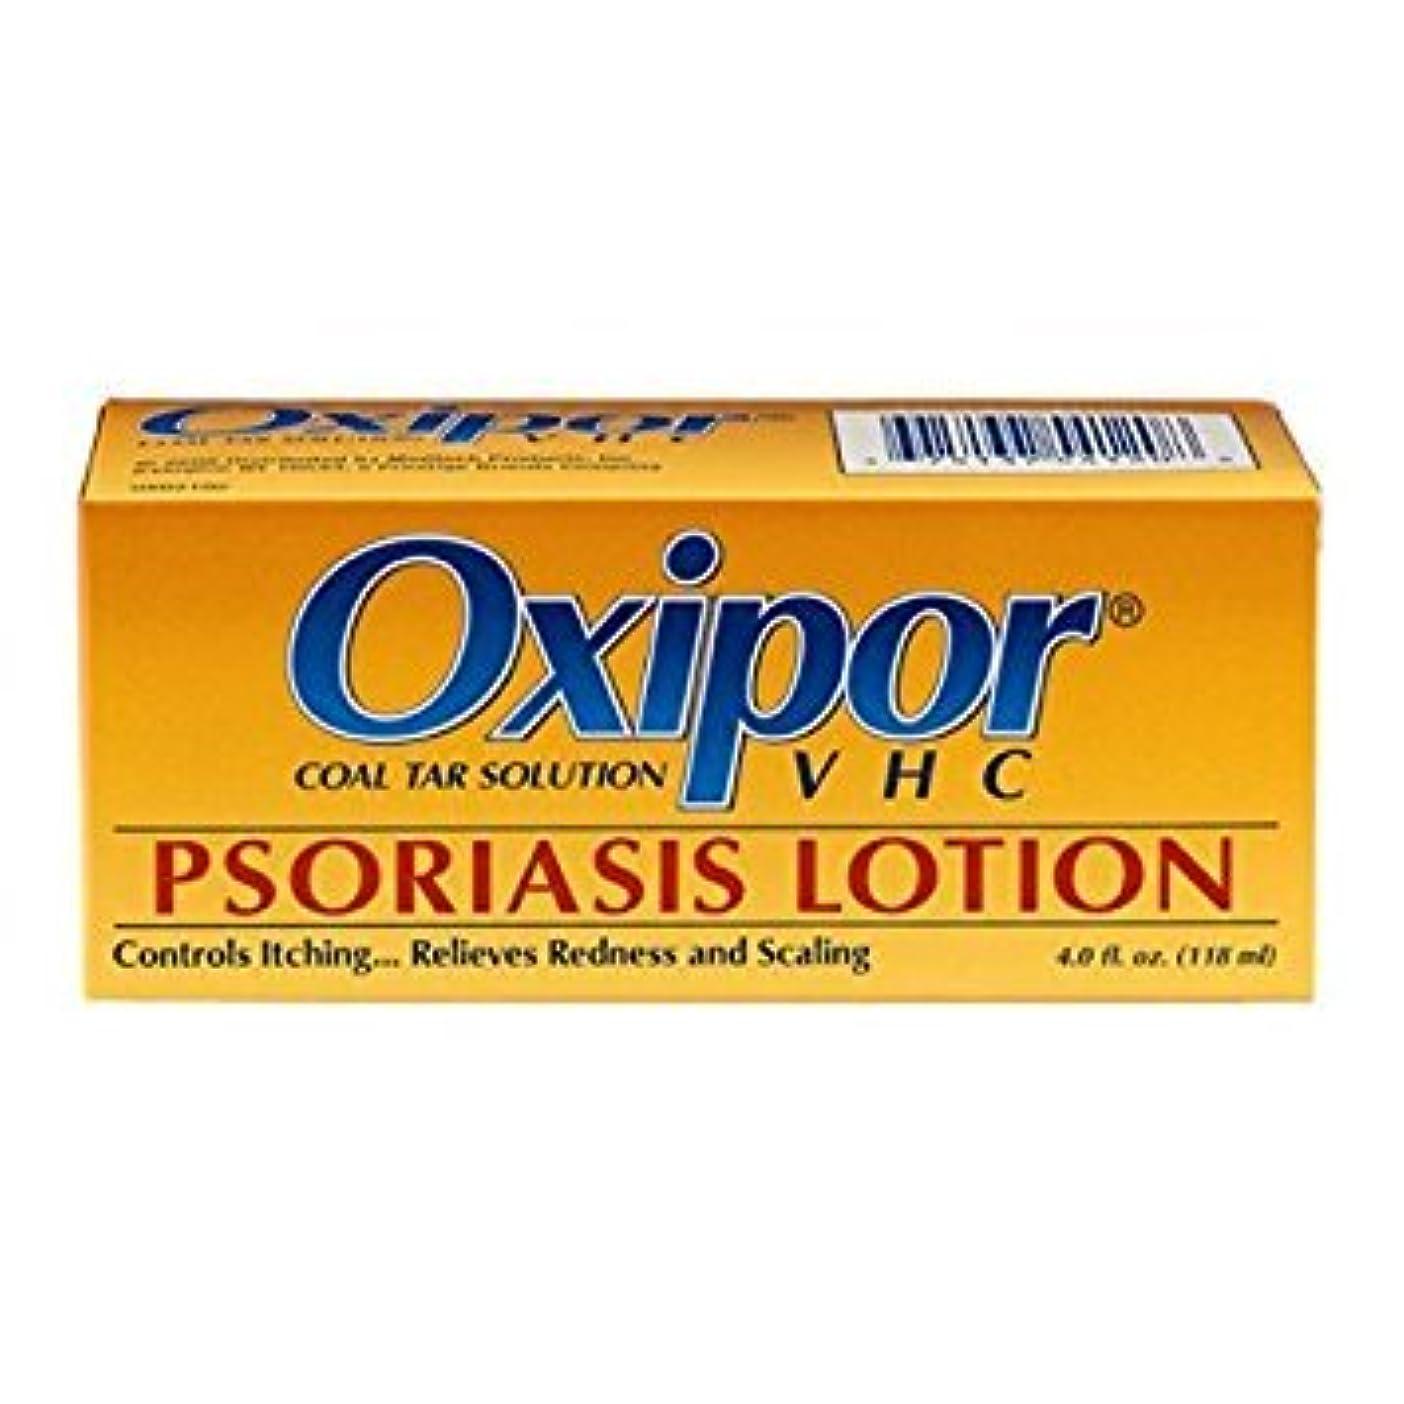 ふつうハブブマウントバンクオキシポア 乾癬ローション / Oxipor VHC Psoriasis Lotion, (56ml ) [並行輸入品]